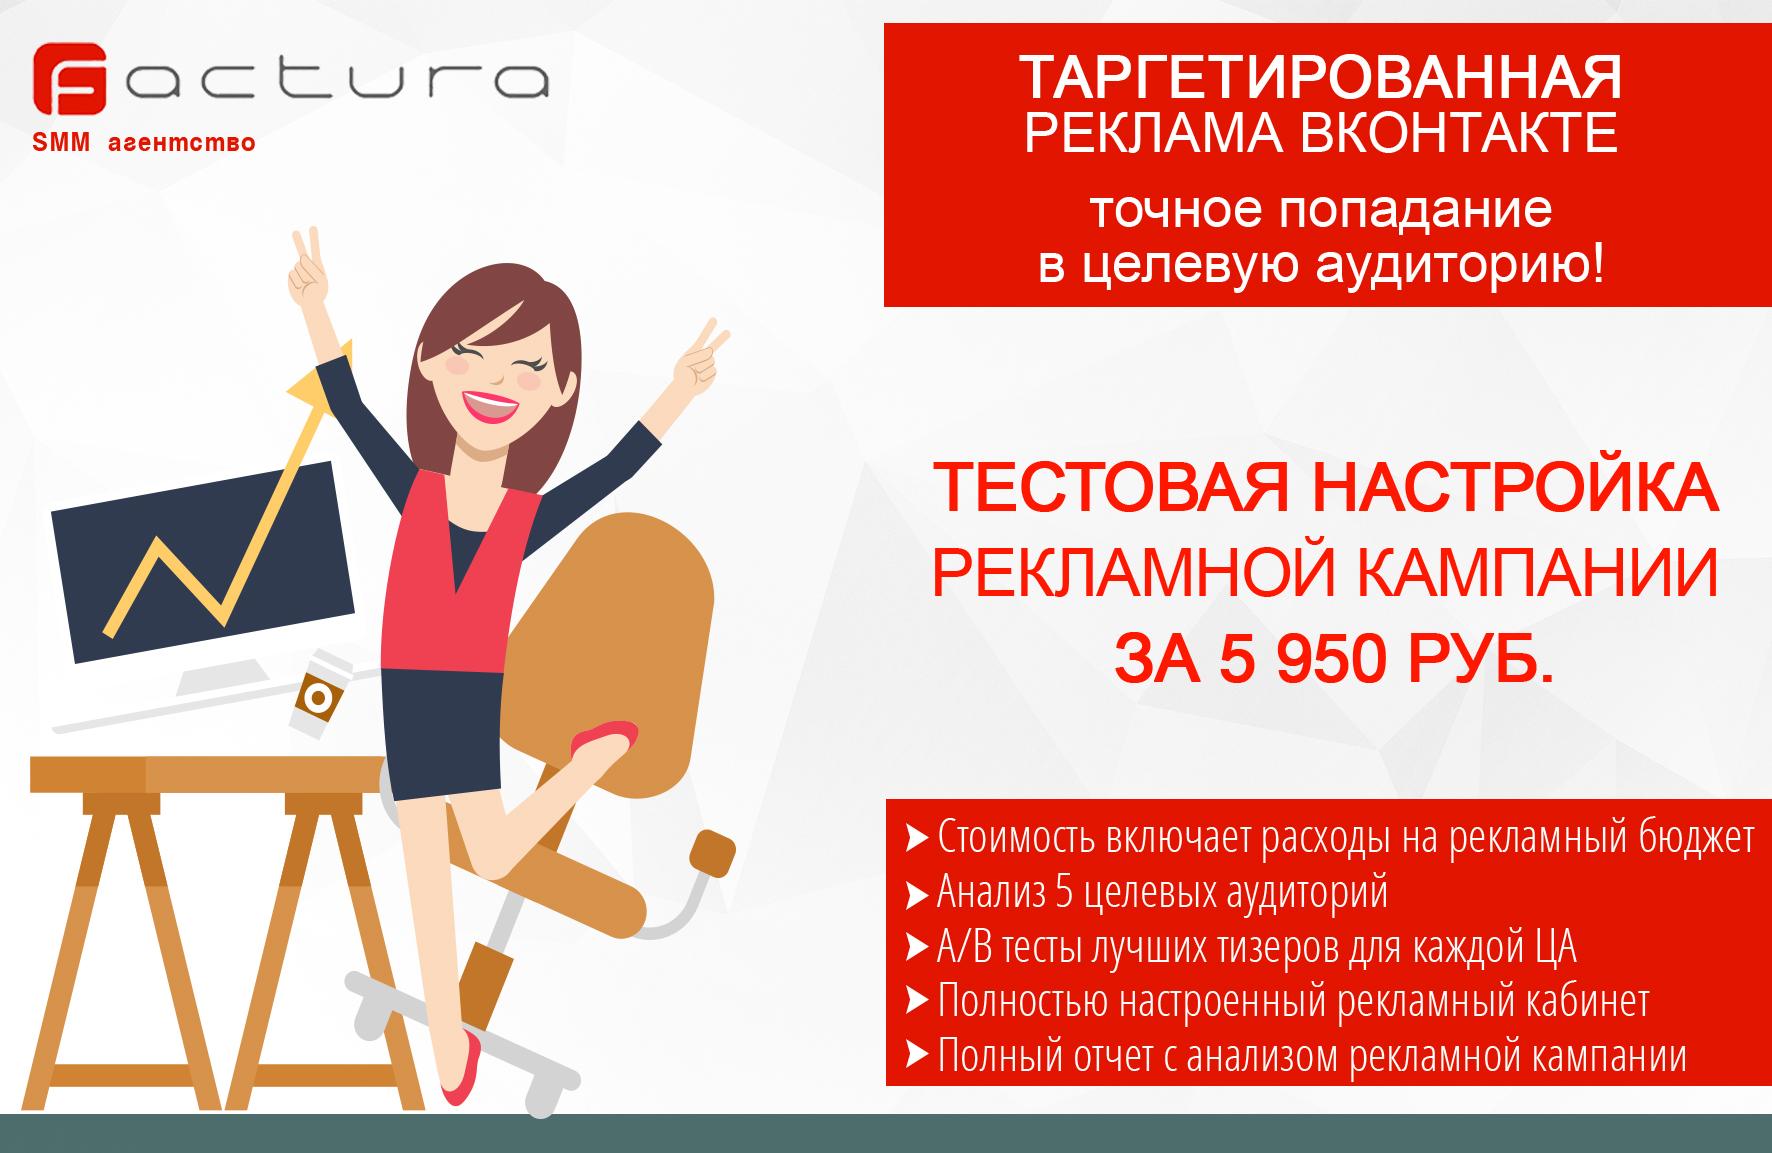 Акция на настройку таргетированной рекламы ВКонтакте